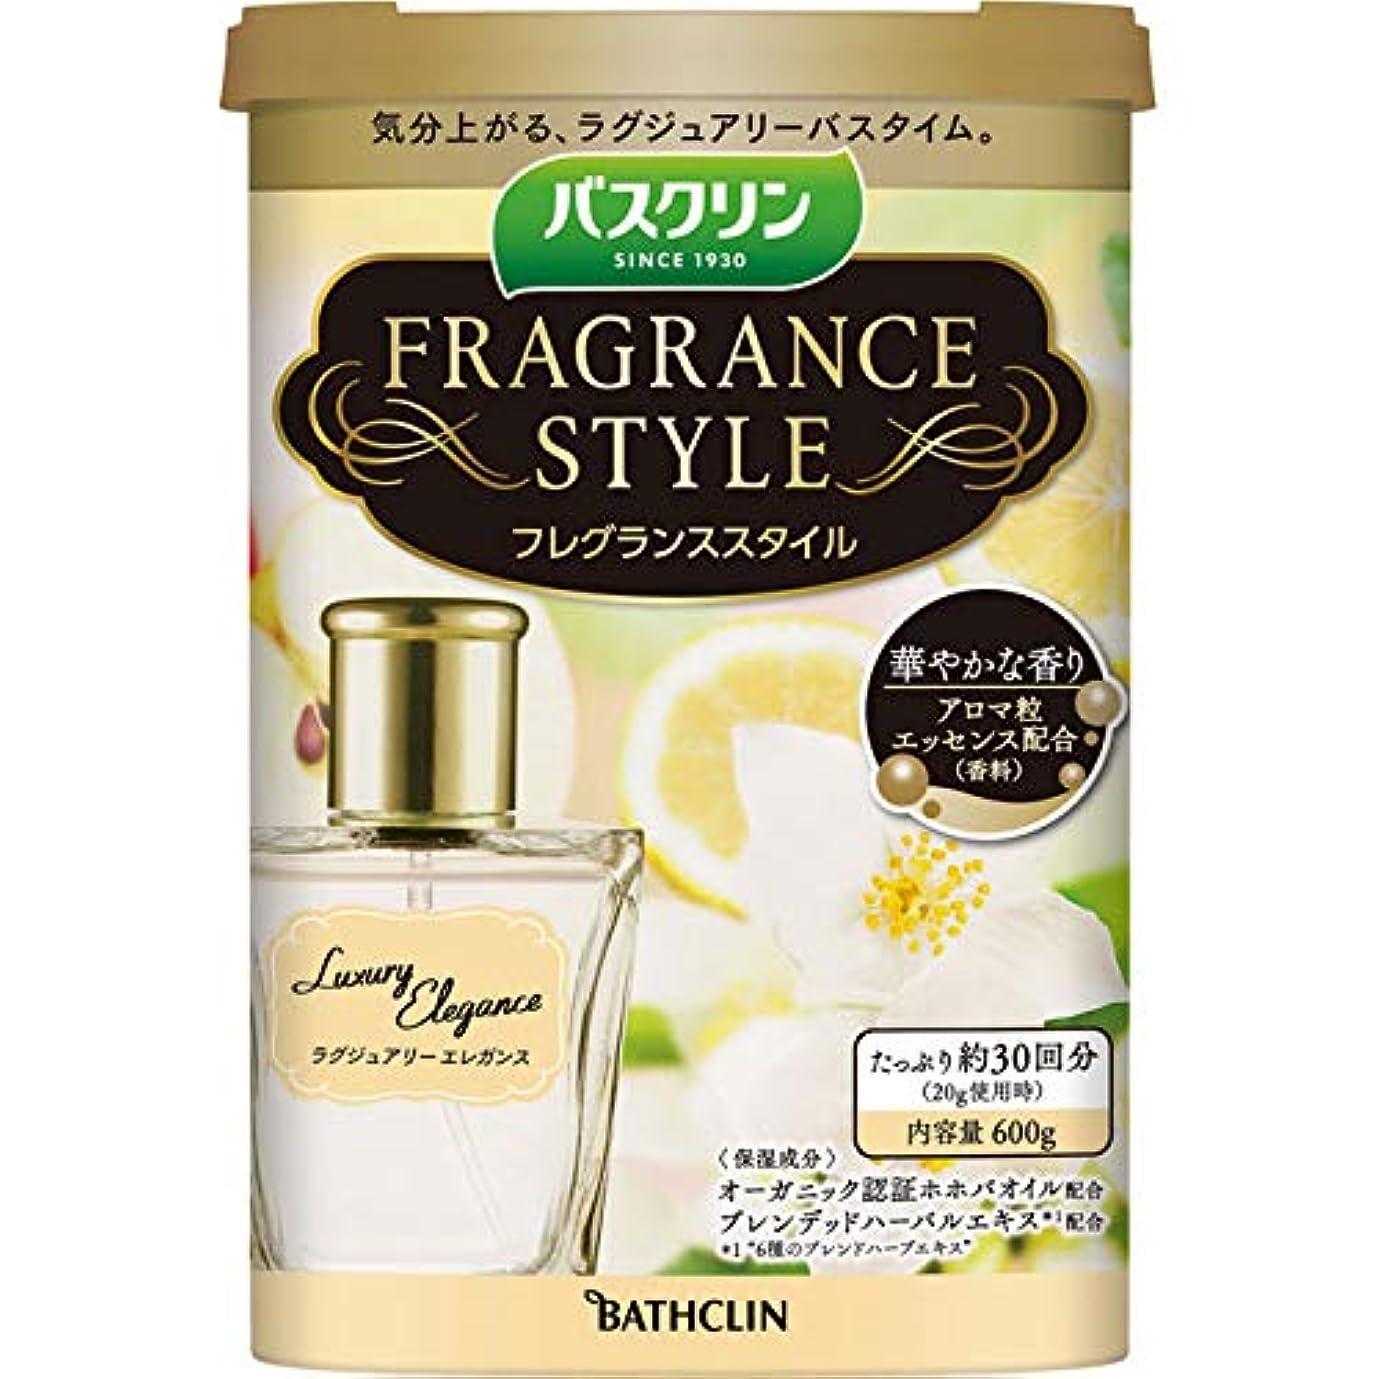 硫黄前文楽しいバスクリンフレグランススタイルラグジュアリー エレガンス 入浴剤 フローラルムスク調の香りの入浴剤 600g